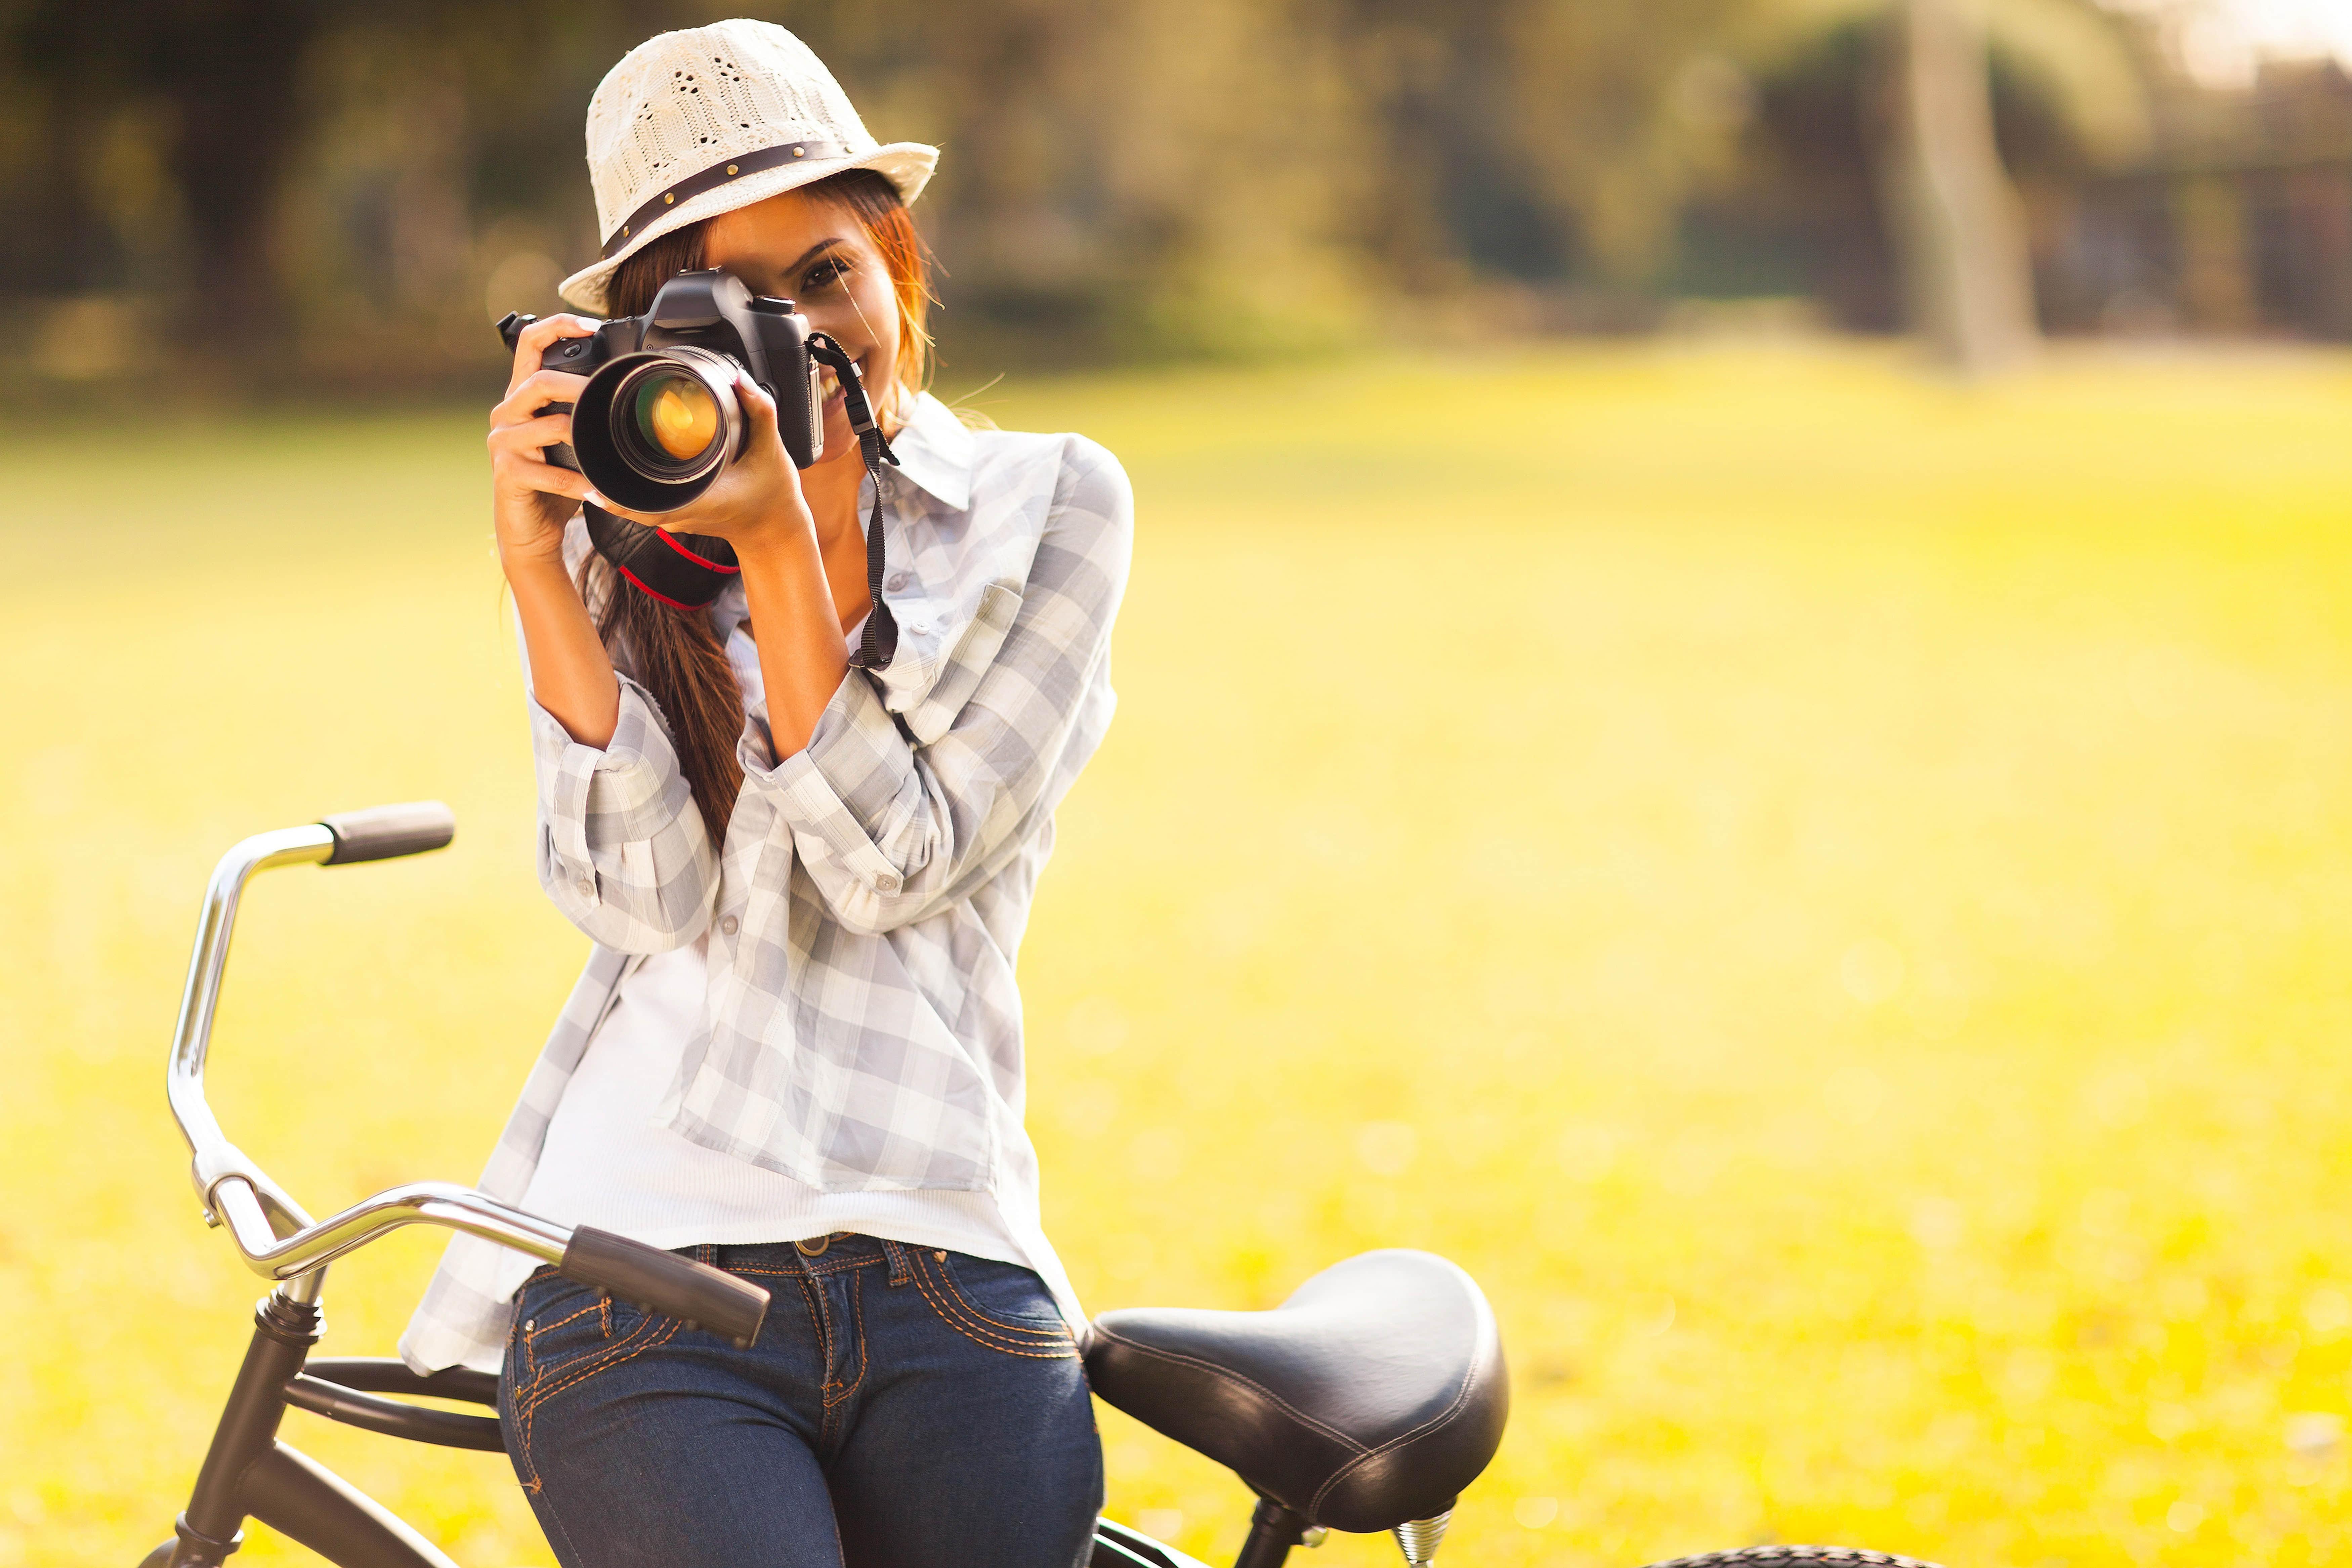 棕色头发的女孩 帽子 相机 自行车 女摄影师 7K图片_彼岸图网